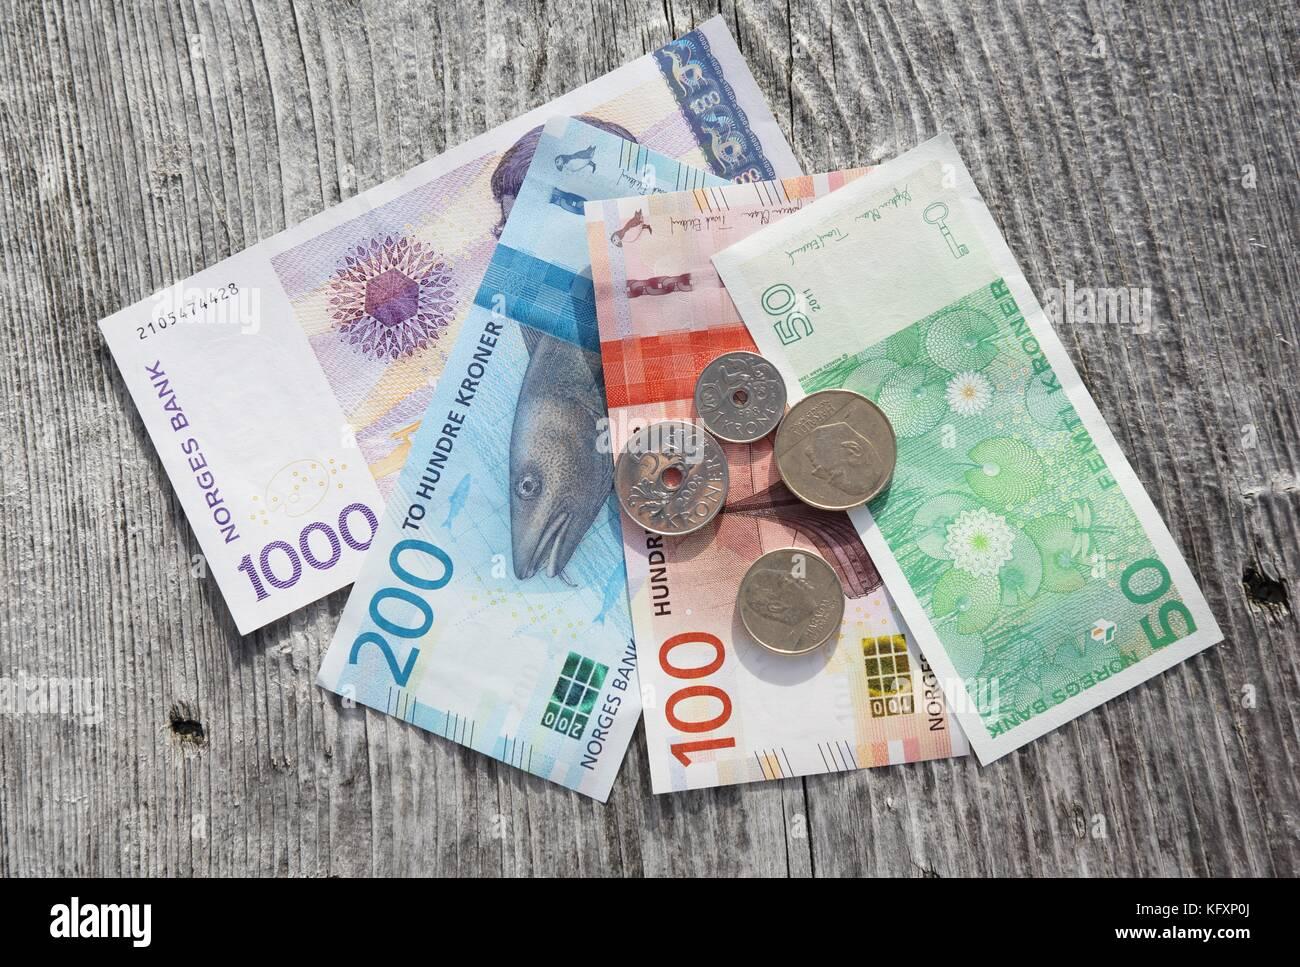 Norwegische Krone Nok Papiergeld Und Munzen Norwegen Stockfotografie Alamy